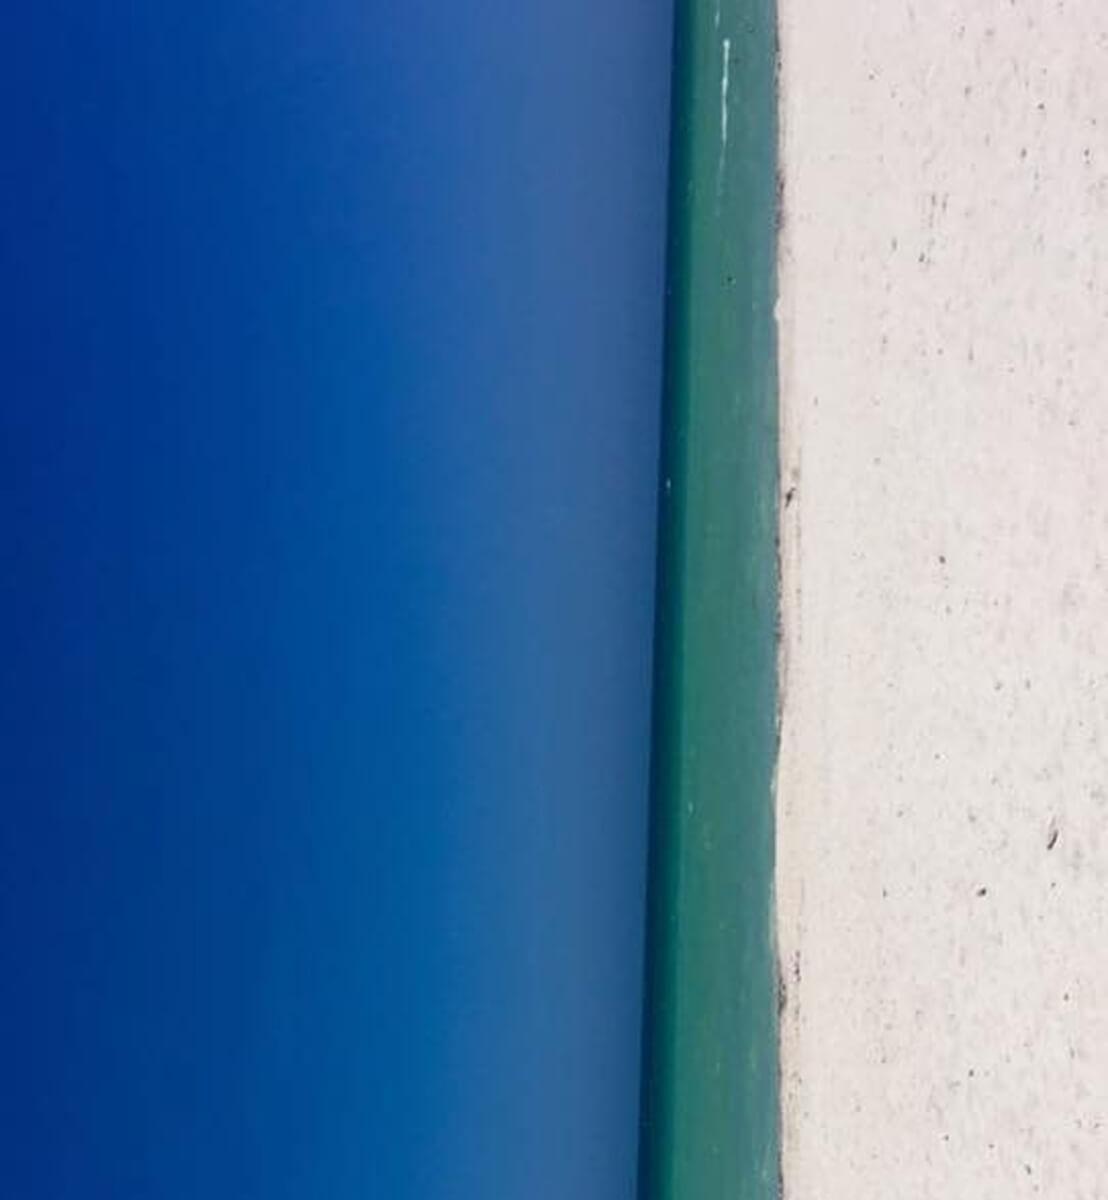 foto sem - Para você isto é uma porta ou uma praia?